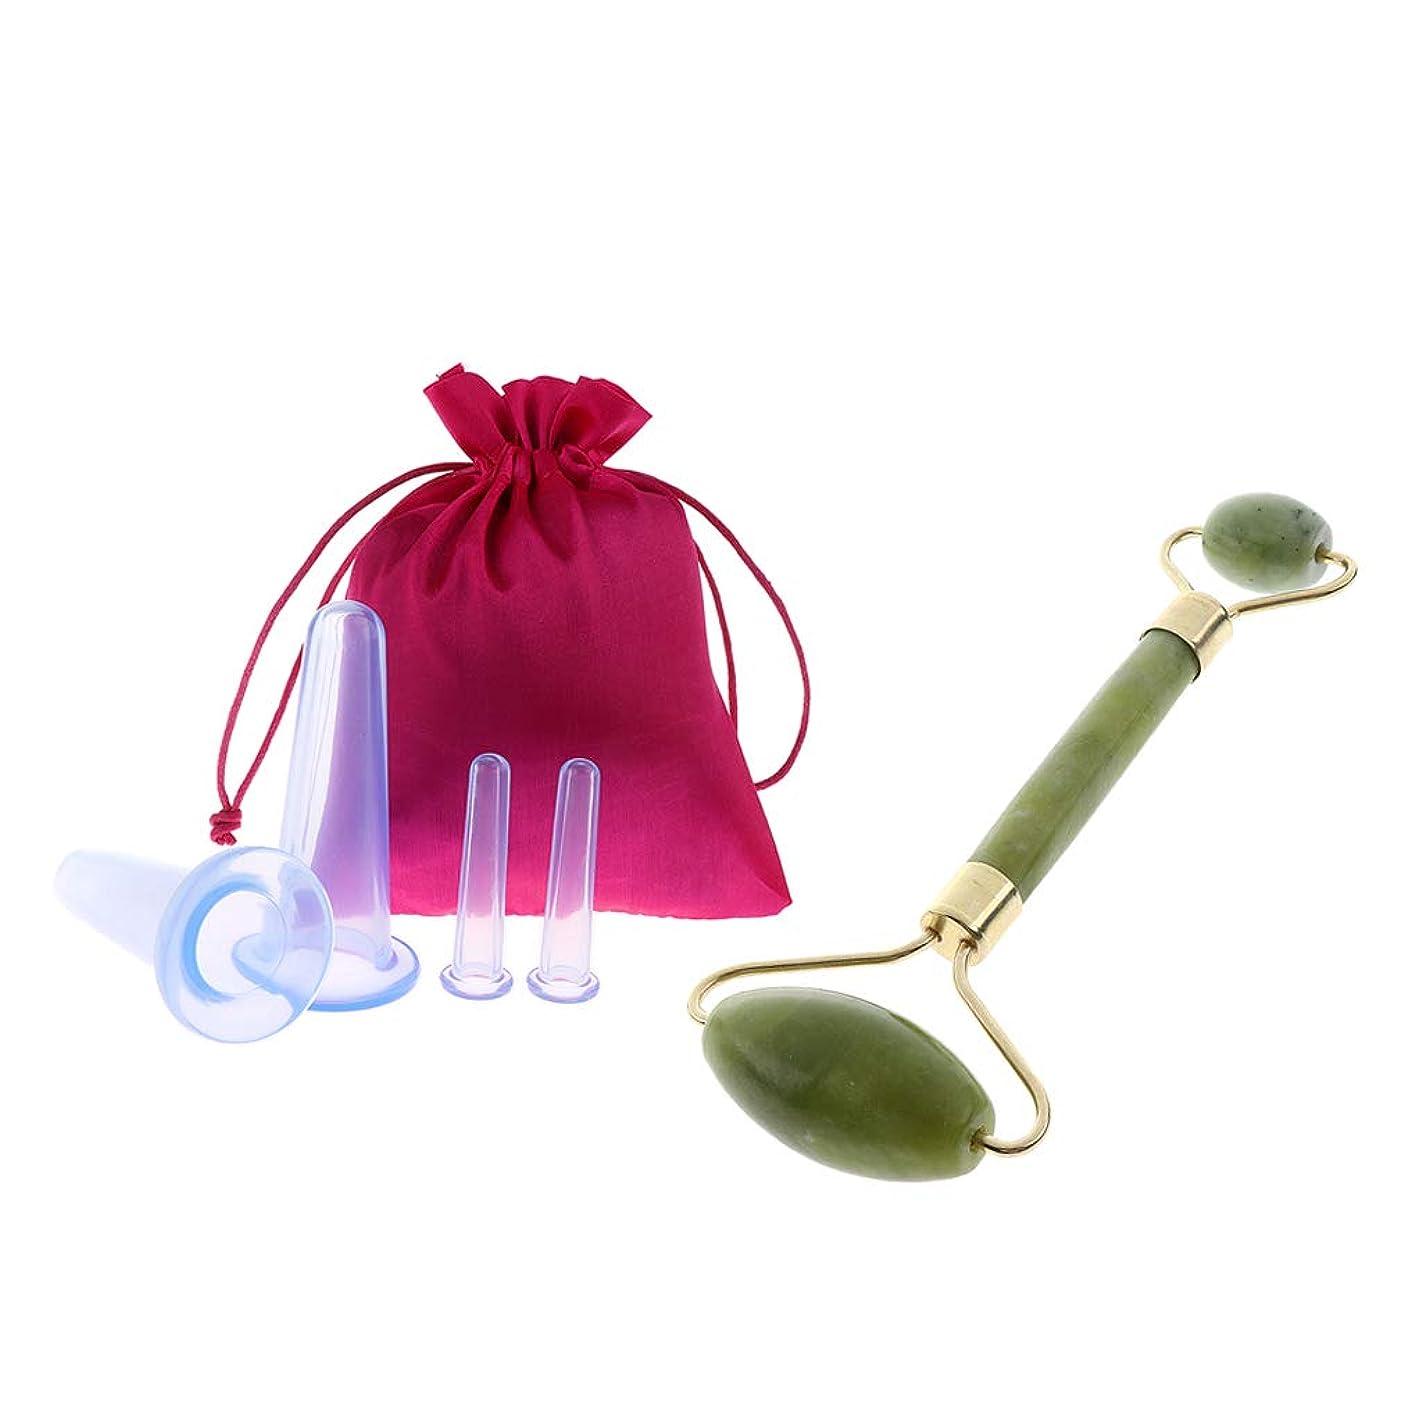 妻コーンウォール正統派美顔ローラー 携帯便利 小型美顔器 マッサージ ビューティーローラー 収納袋 シリコーン抗セルライト